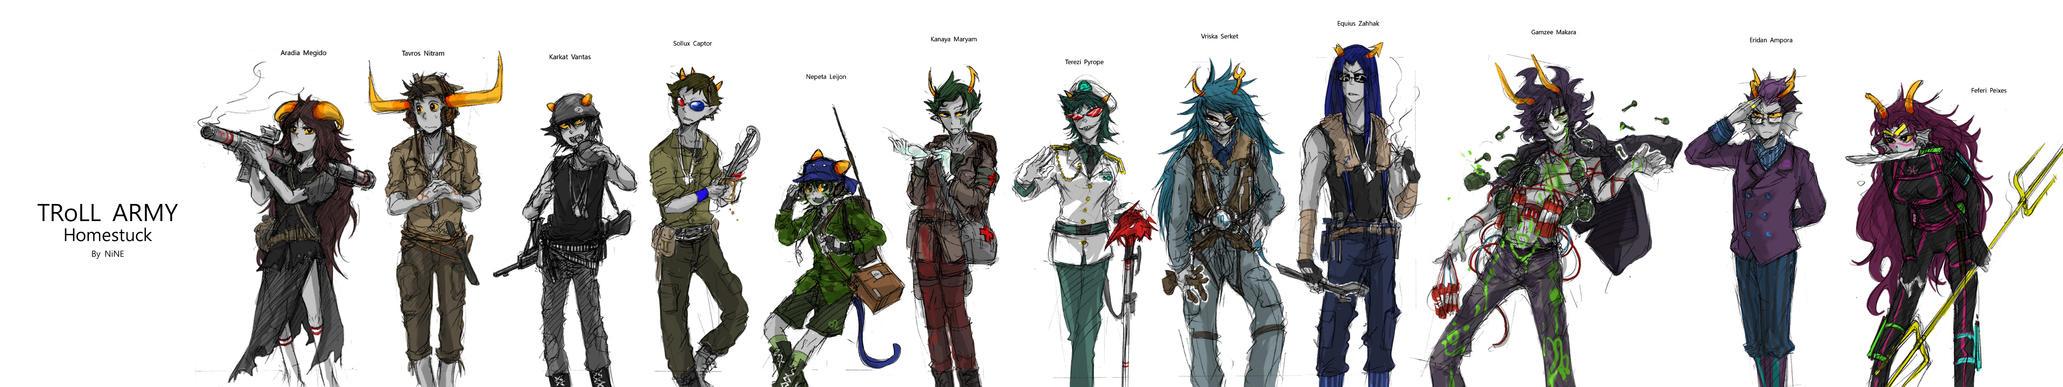 Troll Army by ninevsnine